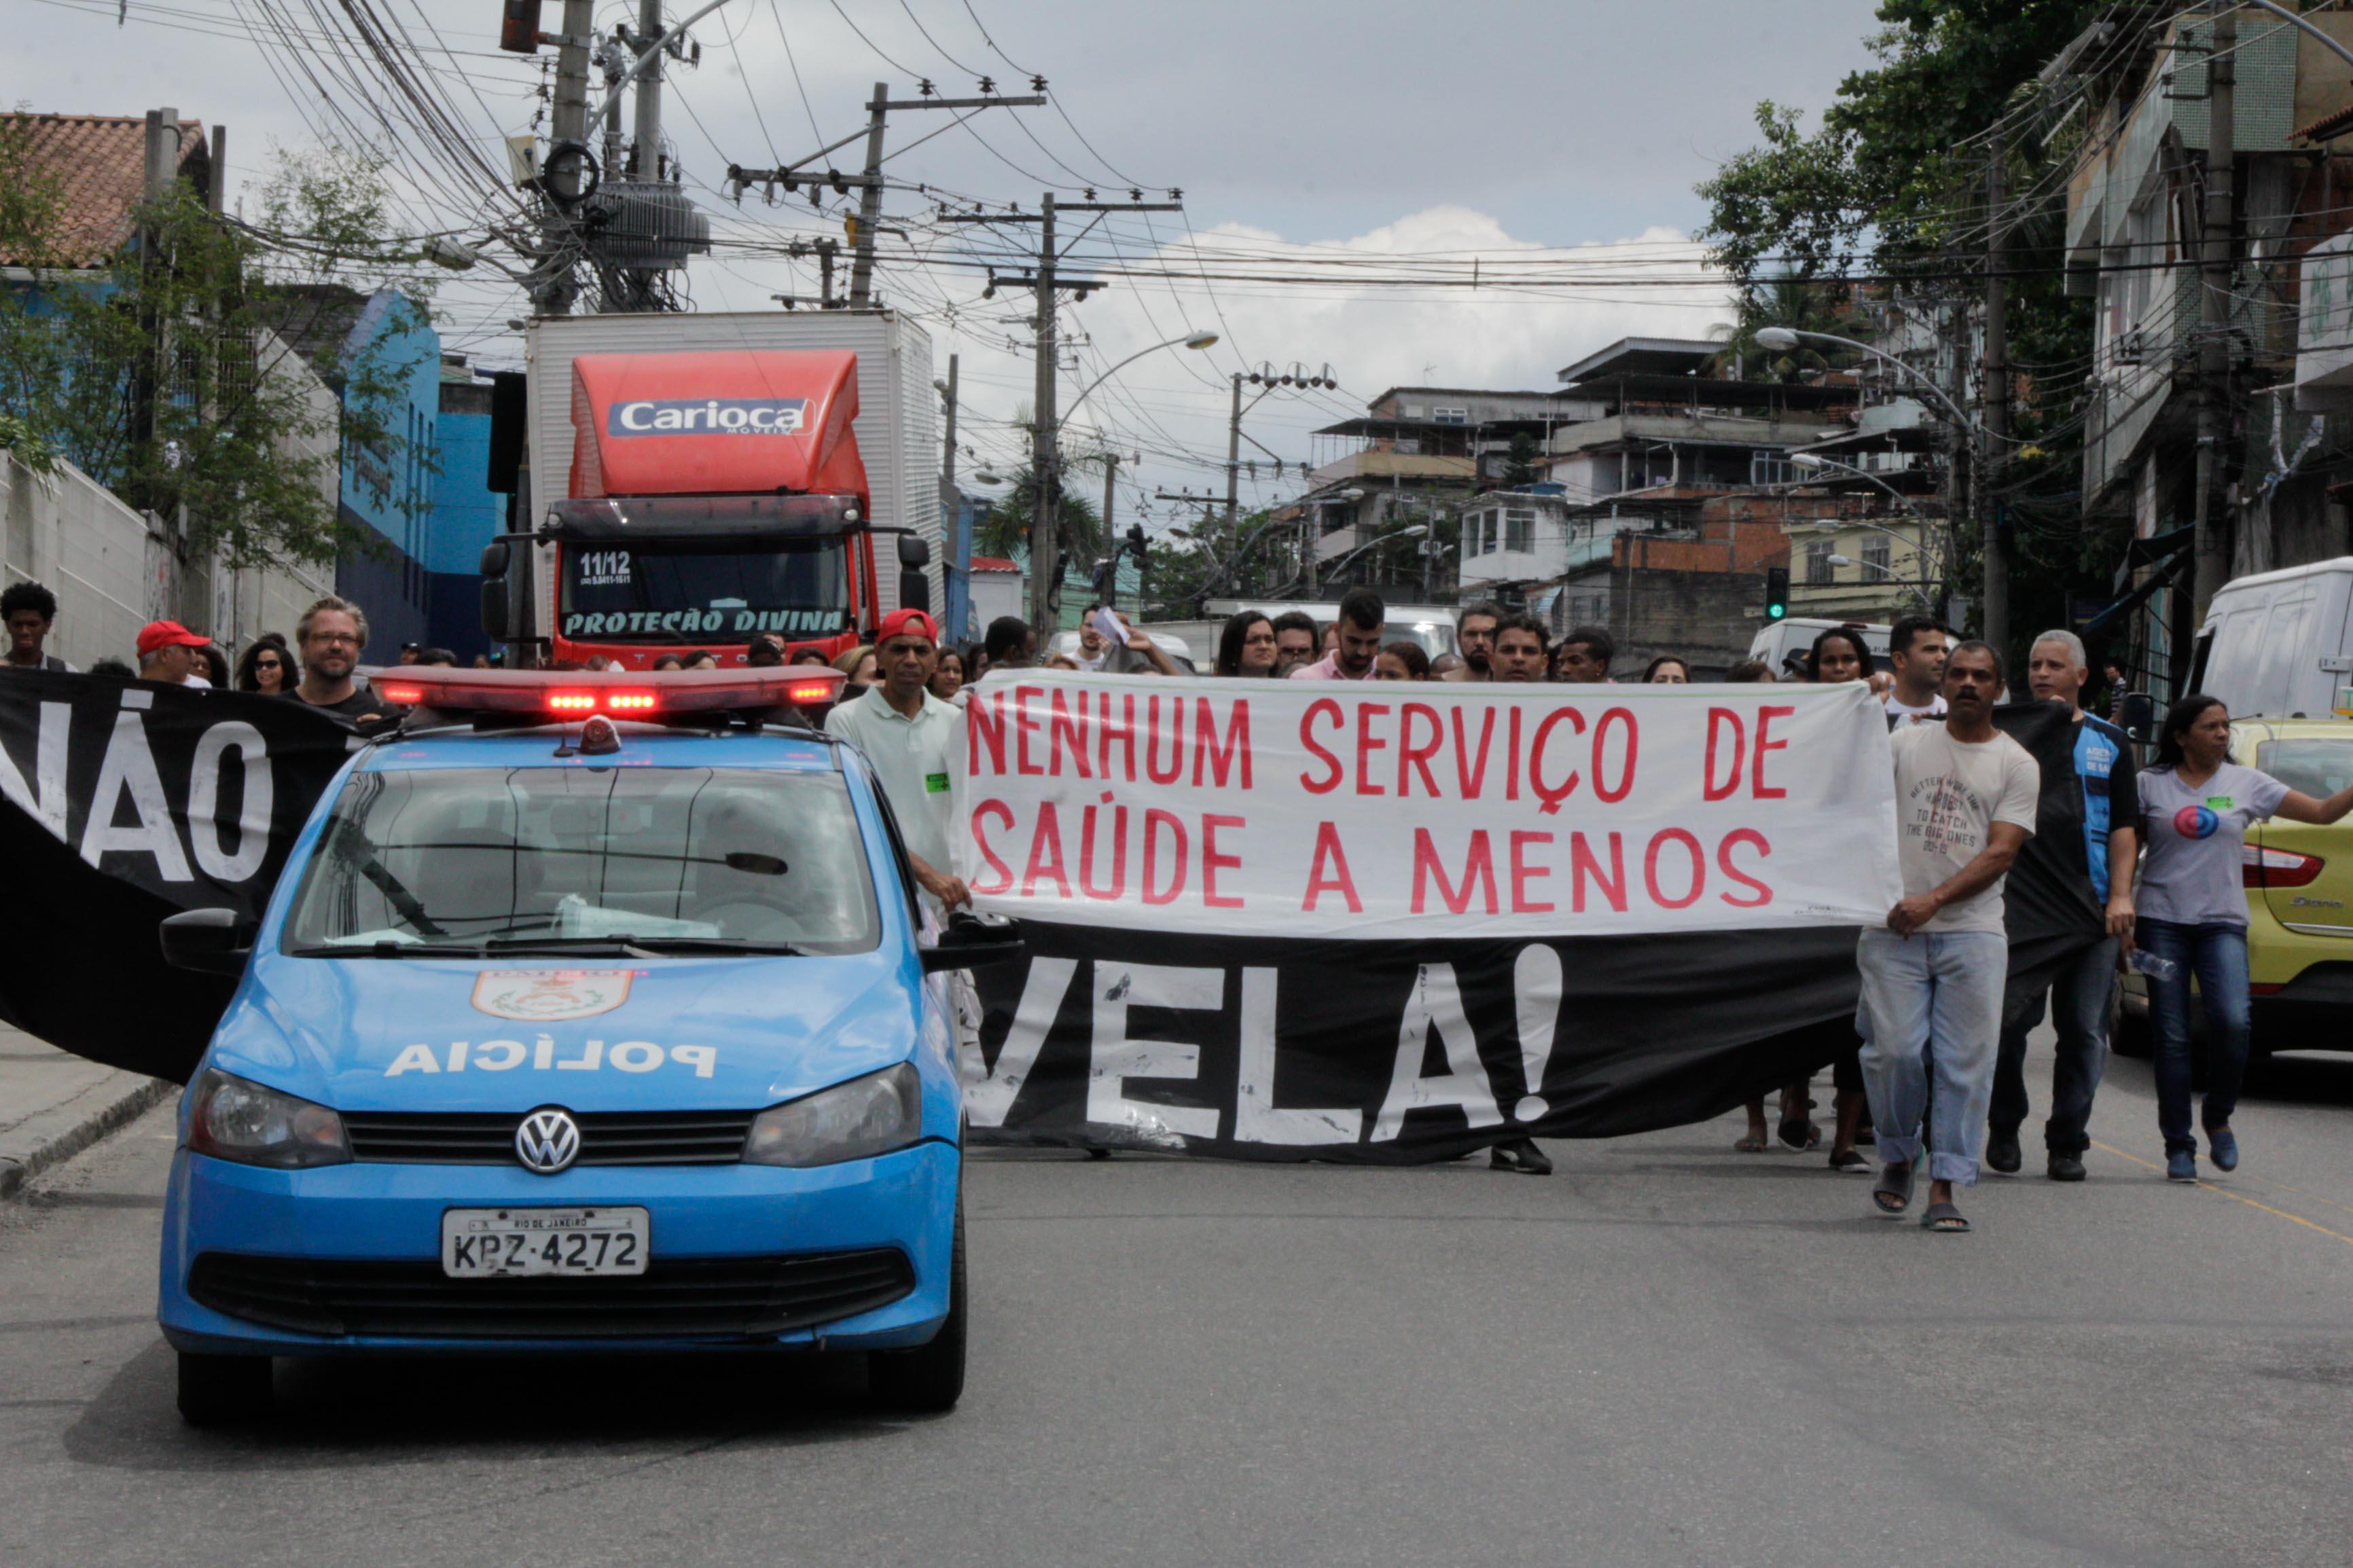 O protesto chegou a fechar por completa a Estrada do Itararé | Foto: Betinho Casas Novas / Jornal Voz das Comunidades